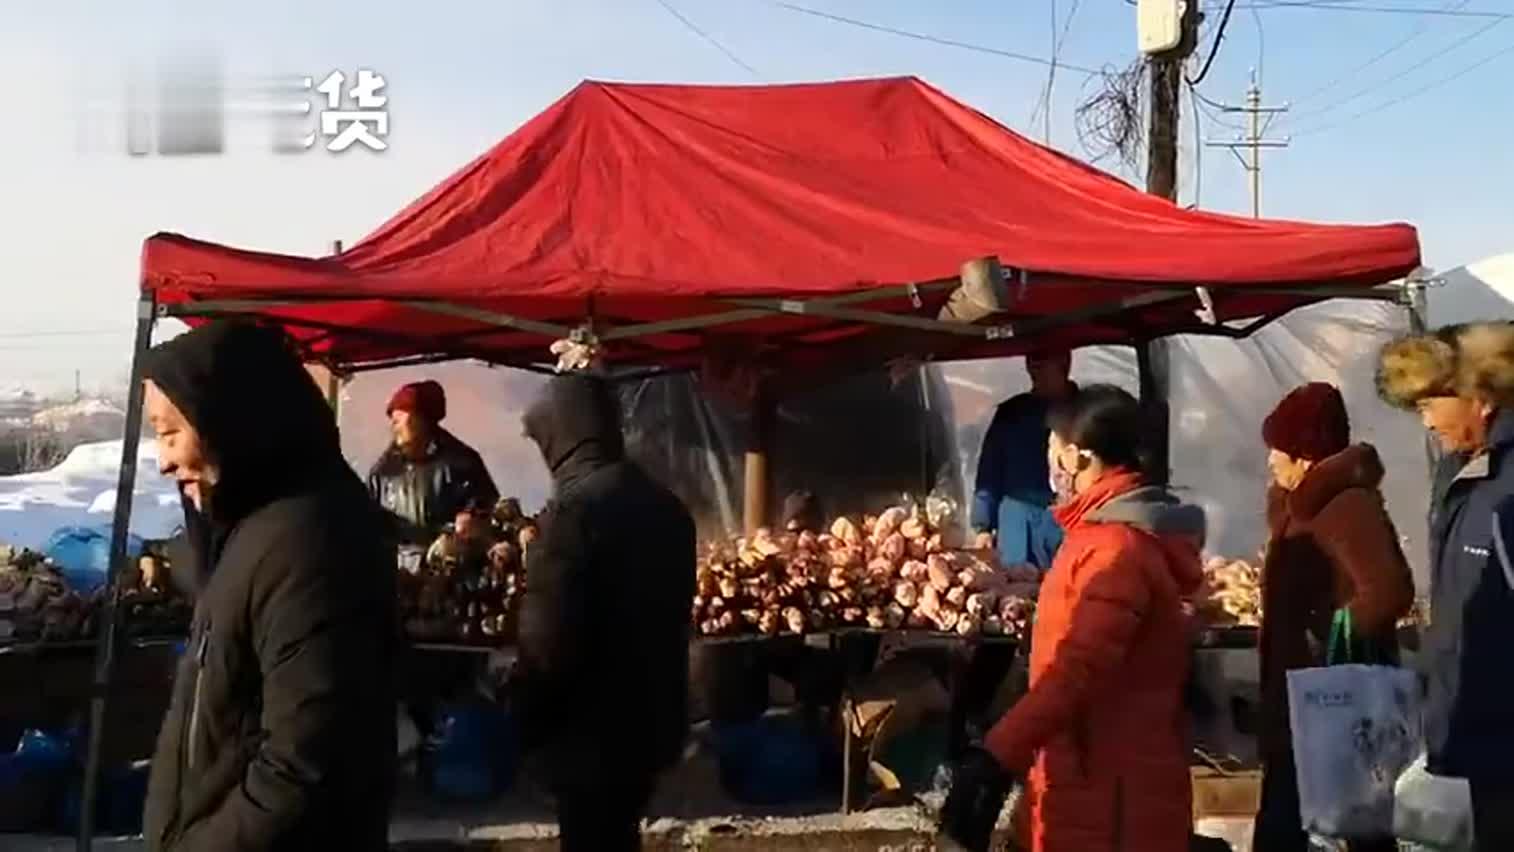 视频-东北人过年有多欢乐?小村集市有两千米长,花